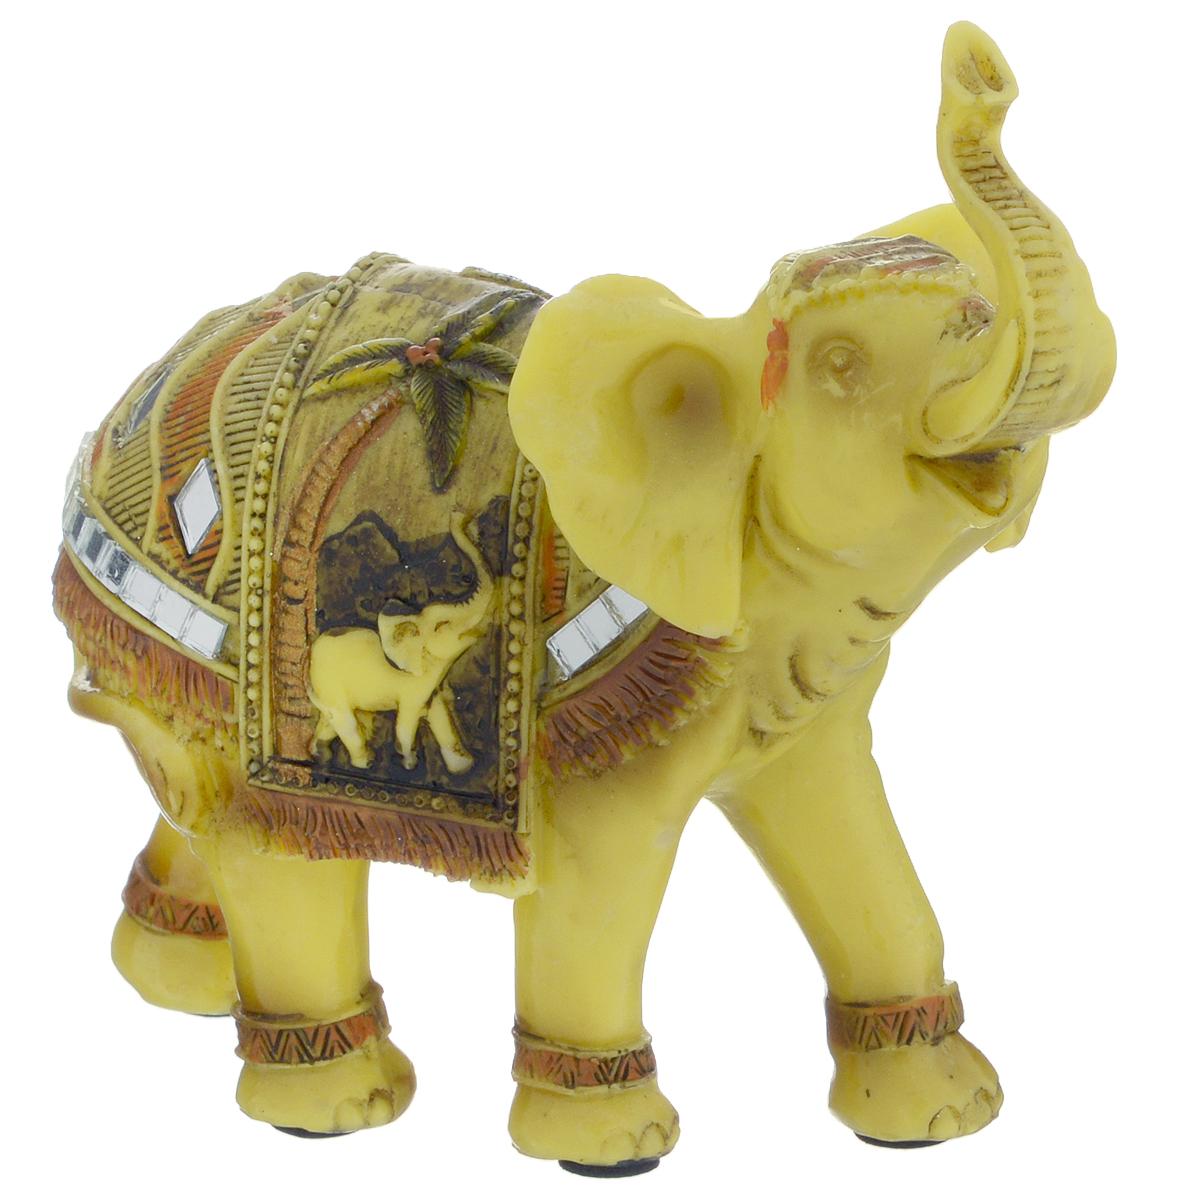 Фигурка декоративная Molento Бирманский слон, высота 11 см. 549-106549-106Декоративная фигура Molento Бирманский слон, изготовленная из полистоуна, позволит вам украсить интерьер дома, рабочего кабинета или любого другого помещения оригинальным образом. Изделие выполнено в виде слона с поднятым хоботом и украшенного зеркальными элементами. С такой декоративной фигурой вы сможете не просто внести в интерьер элемент оригинальности, но и создать атмосферу загадочности и изысканности. Размер фигурки: 12,5 см 11 см х 5 см. Если поставить фигурку слона на подоконник, хоботом по направлению в окно, то он будет втягивать удачу с улицы в помещение. Однако если слон смотрит внутрь квартиры, то это будет символом того, что удача уже находится в доме.